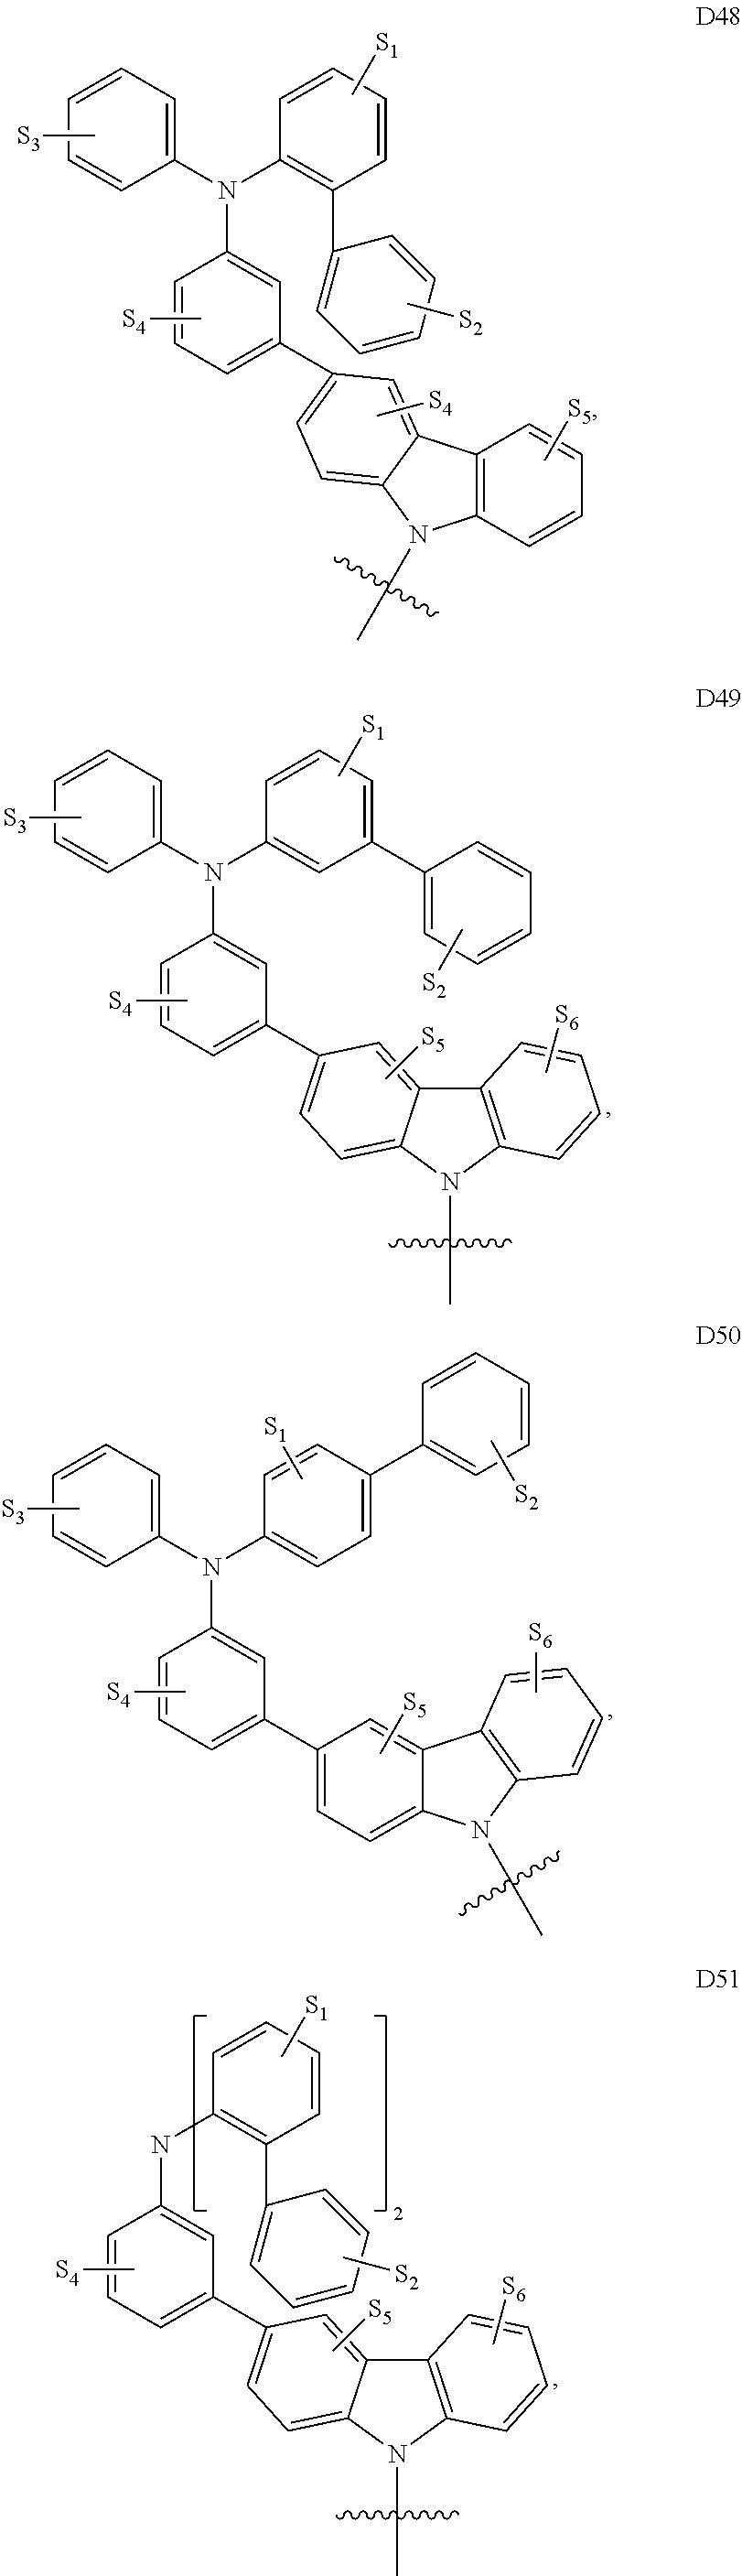 Figure US09324949-20160426-C00395